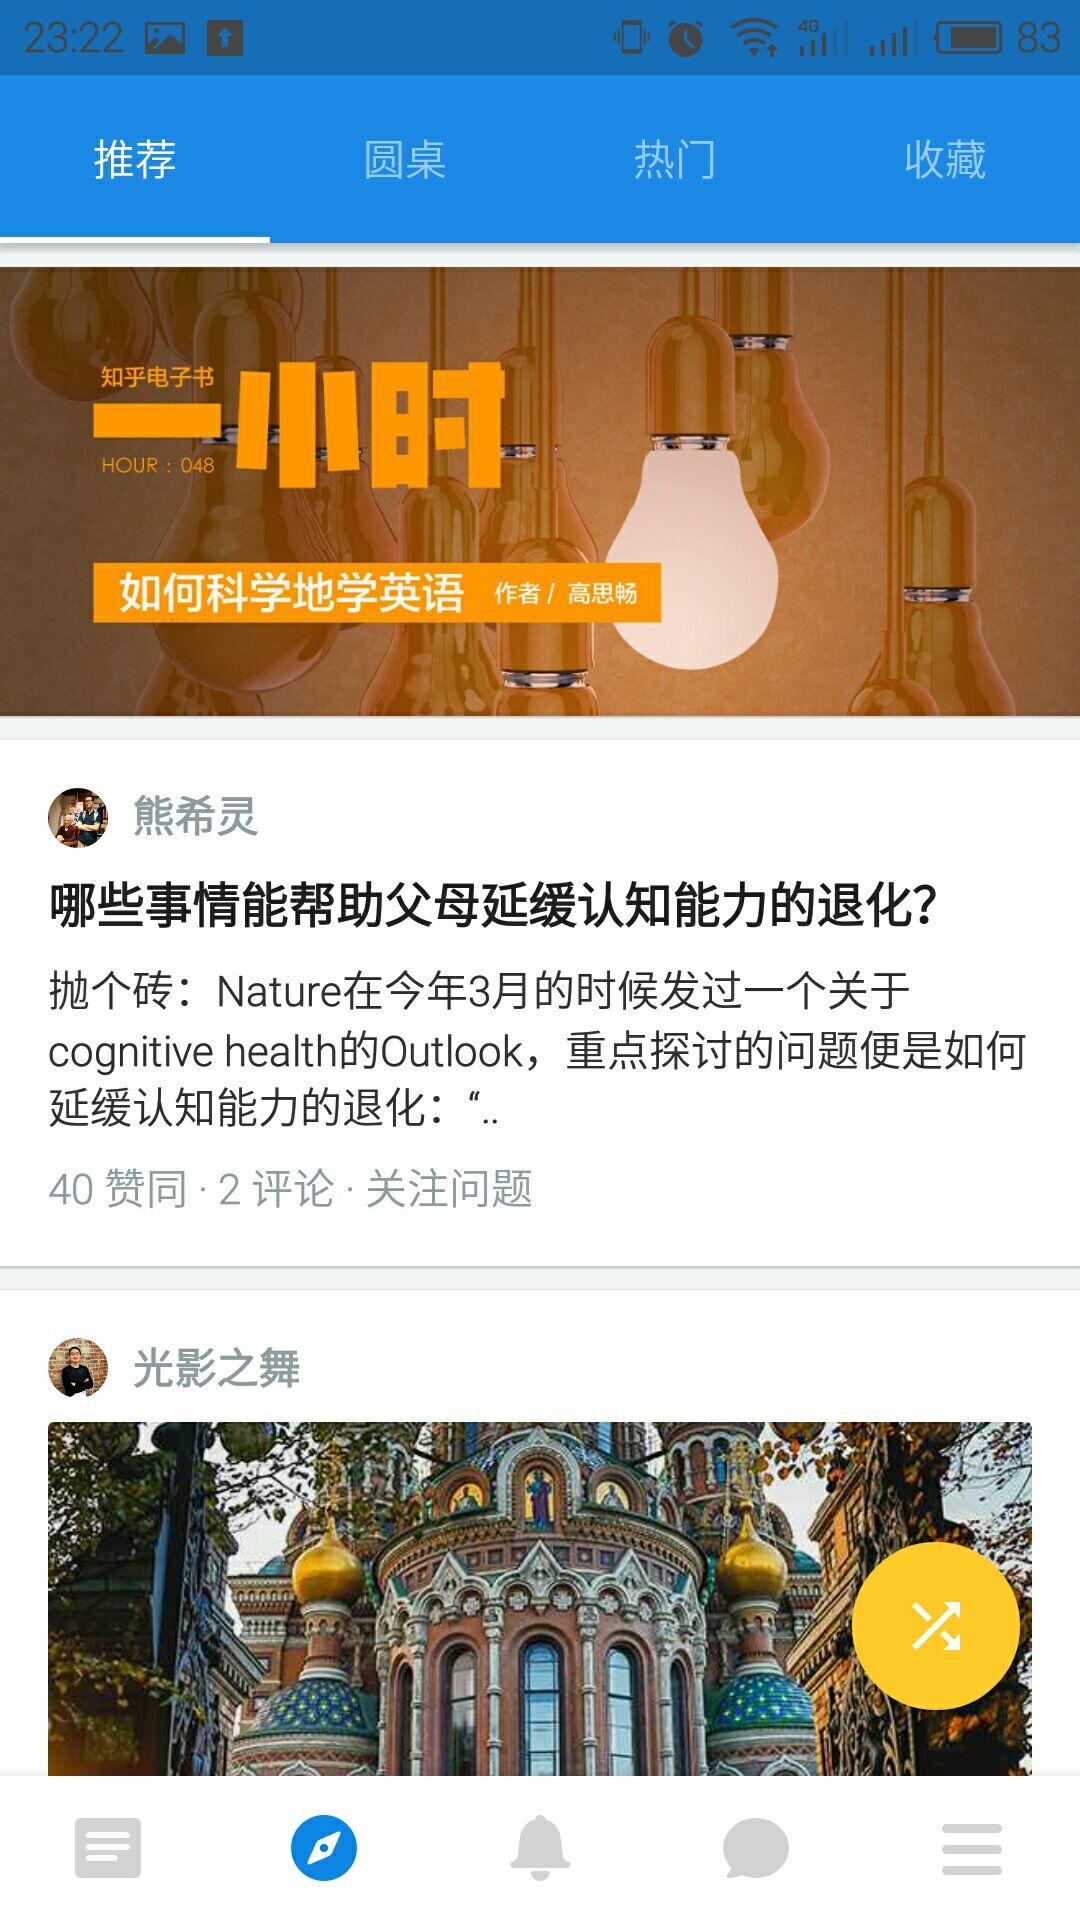 知乎app是一个真实的网络问答社区,各行各业的精英在知乎app分享彼此的专业知识、经验、见解,社区氛围友好、理性、认真。另外知乎app还是中文互联网高质量内容发源地, 苹果应用商店官方推荐应用,社交榜第一哦~ 更新描述   #新增功能和体验优化   - 增加特殊内容搜索干预引导   - 重新设计创建收藏夹页面   - 增加文章赞赏通知   - 支持未登录从浏览器打开页面   - 重新设计话题活跃回答者页面   #Live 新功能和优化   - 结束后可只看讲者   - 结束后从顶部加载   - 语音增